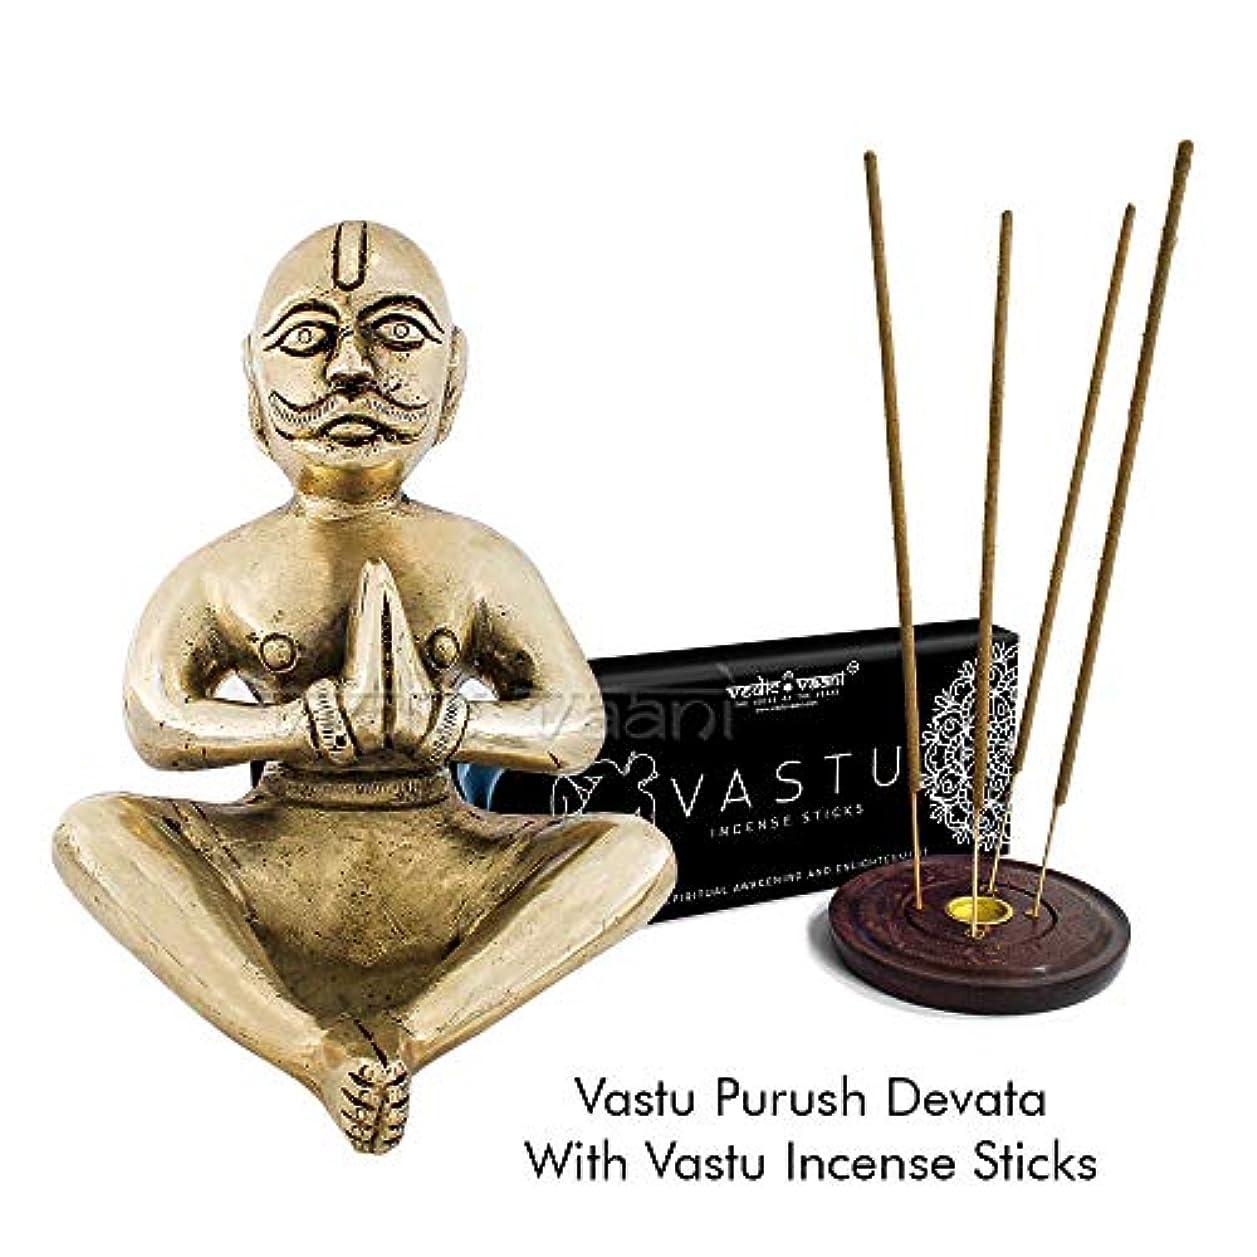 効能最大こするVedic Vaani Vastu Purush Devata Idol 香スティック付き